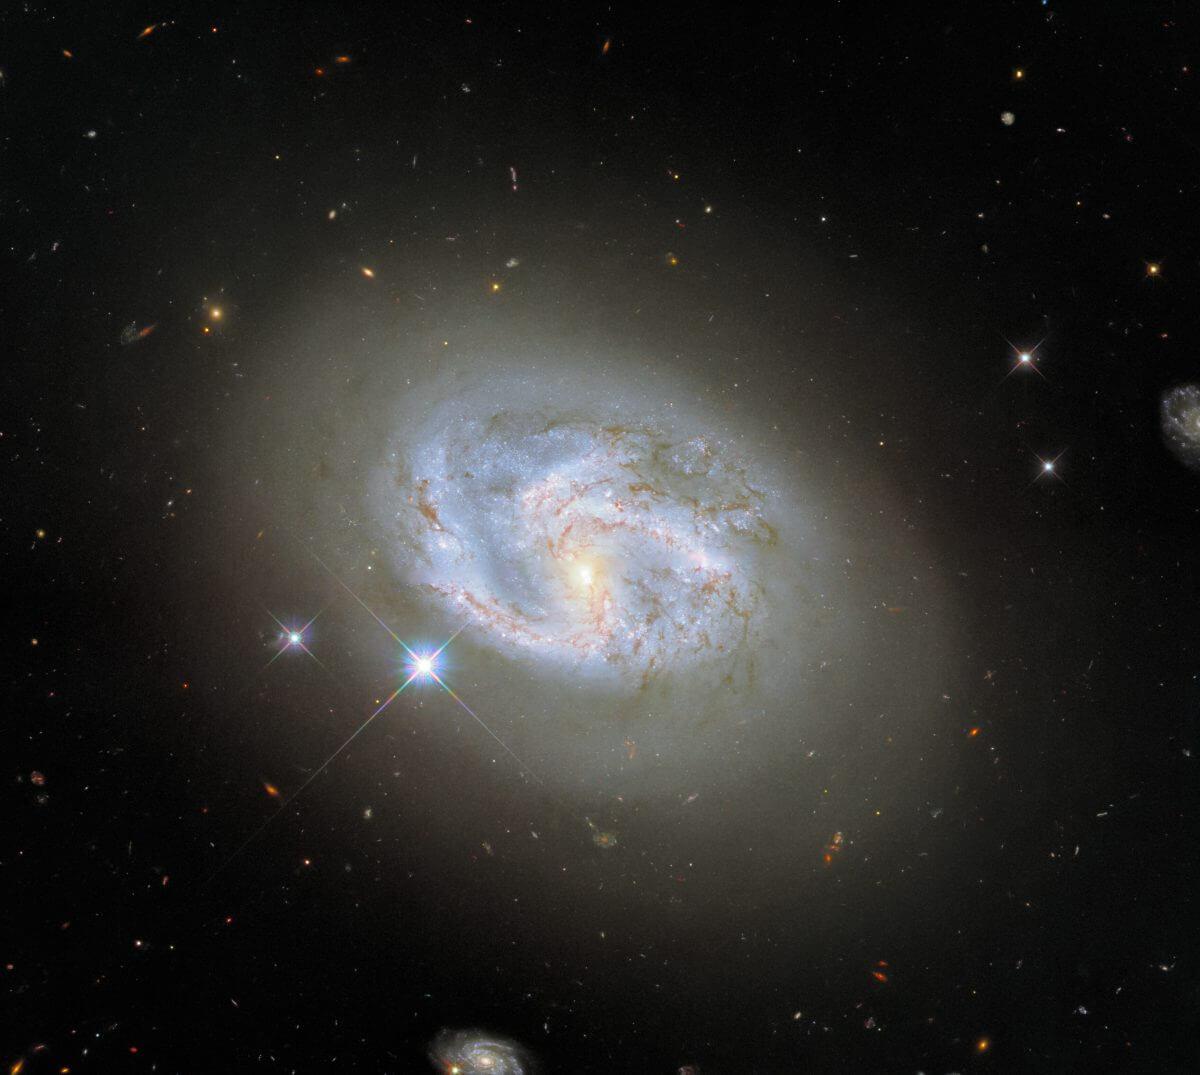 銀河「NGC 4680」(Credit: ESA/Hubble & NASA, A. Riess et al.)